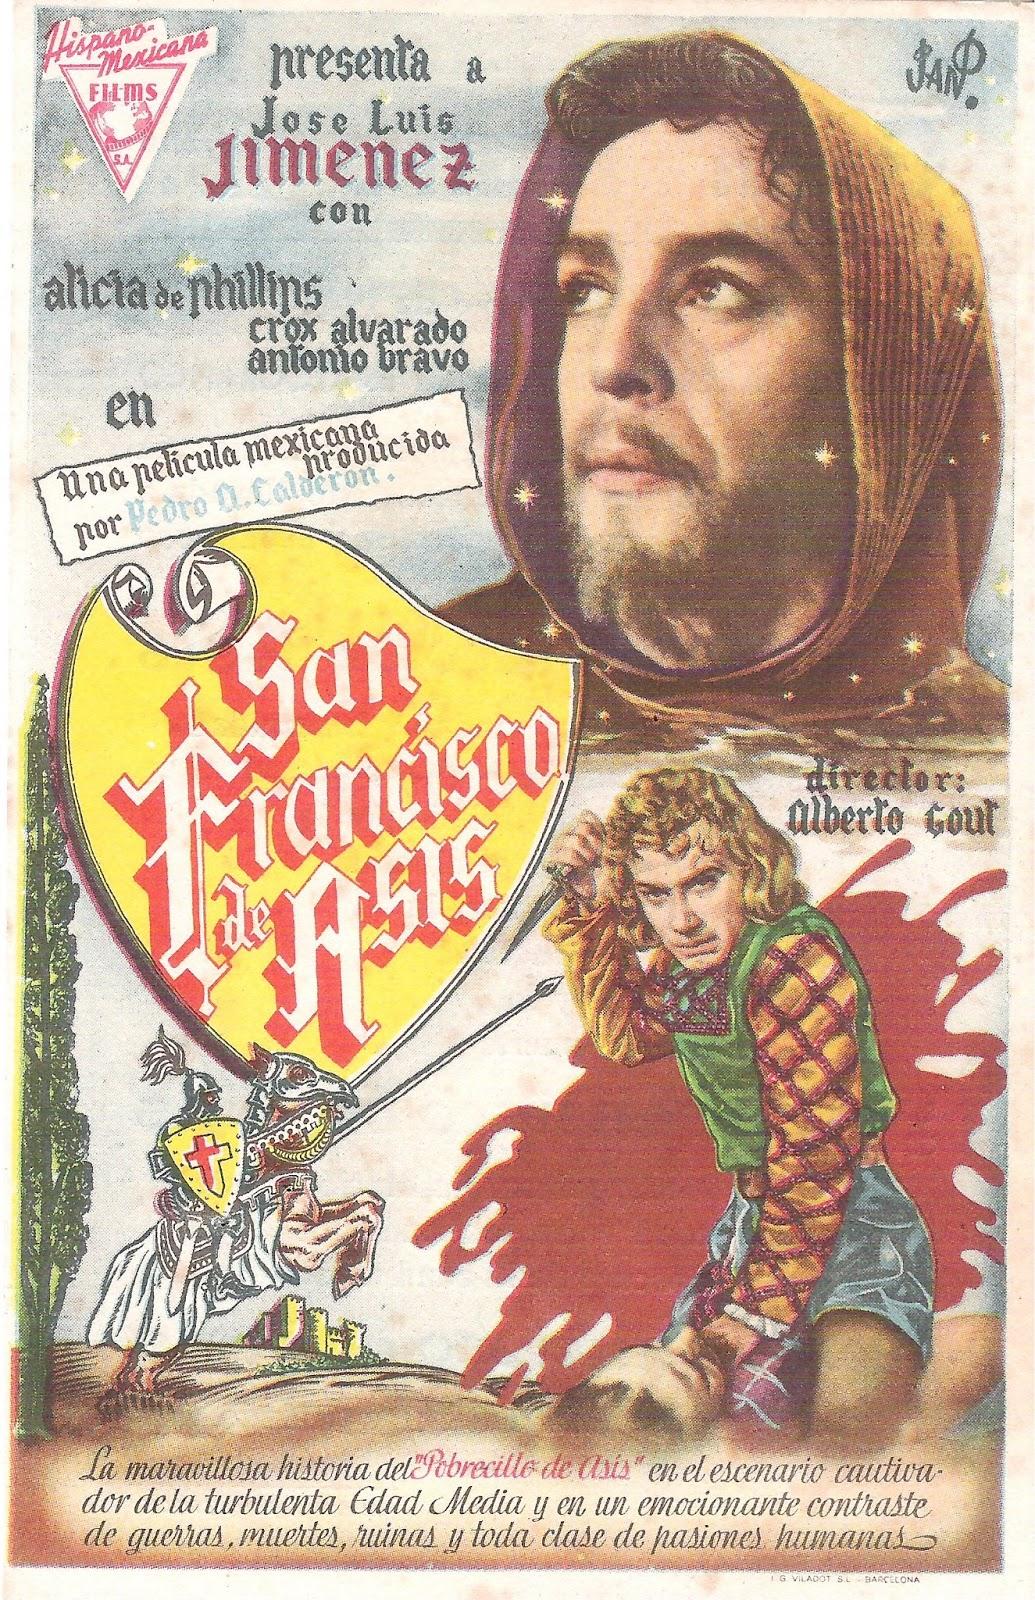 Cines en San Francisco: Echa un vistazo a 10 Cines en San